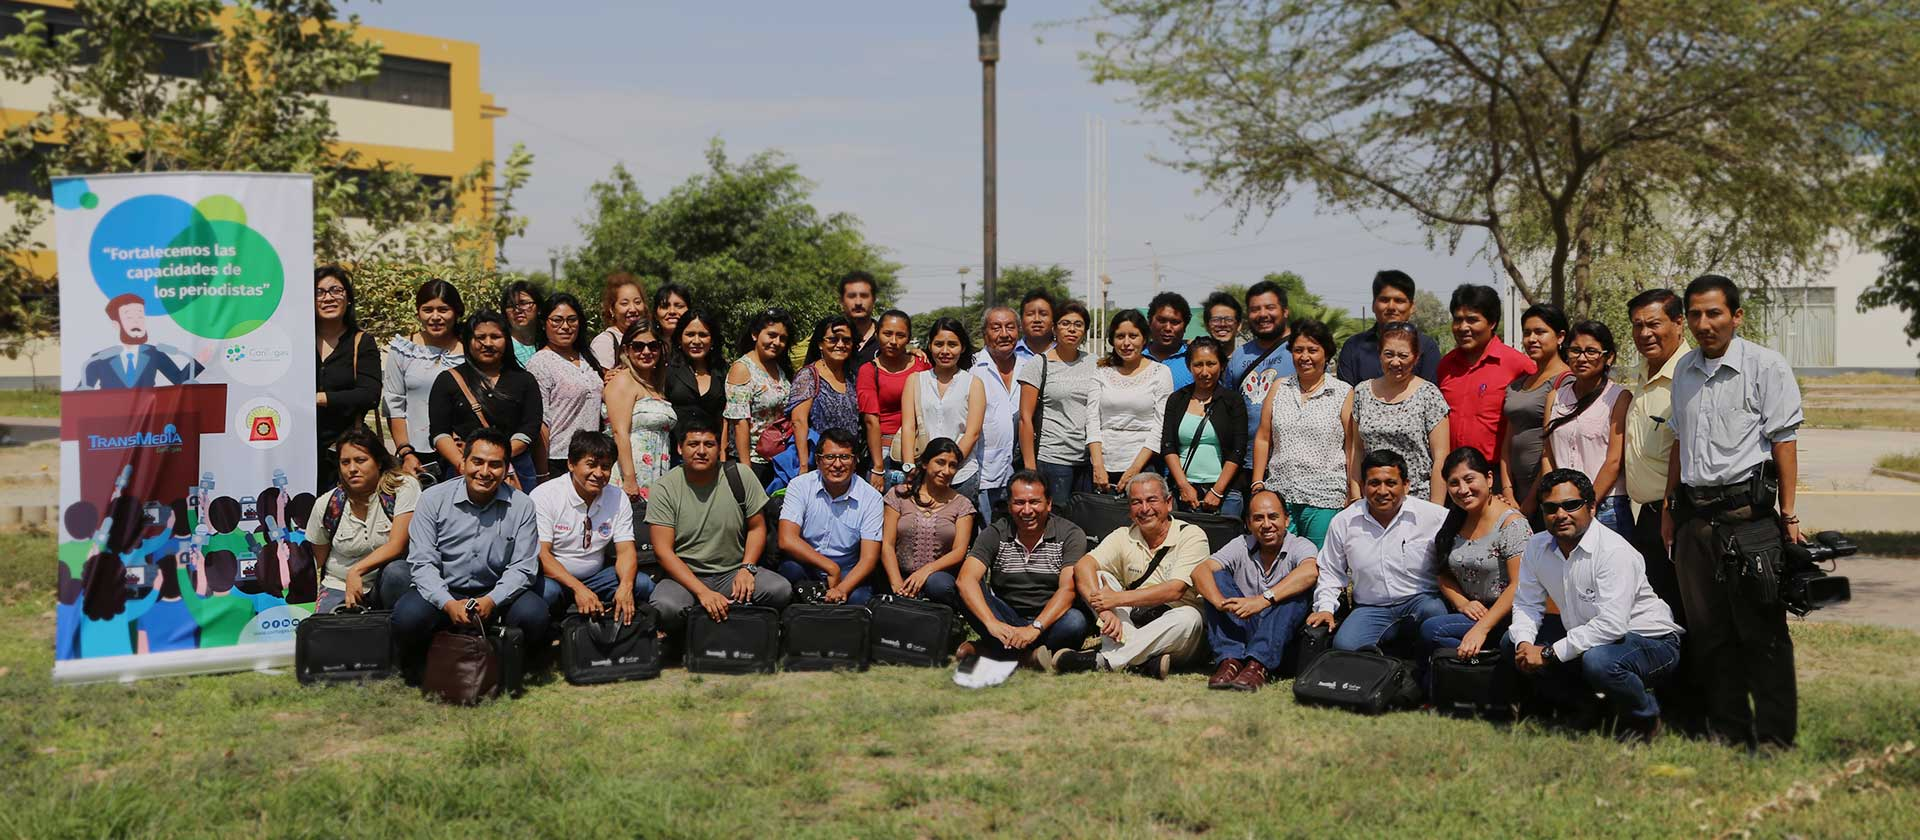 UNICA y Contugas lanzan diplomado para periodistas de la región Ica